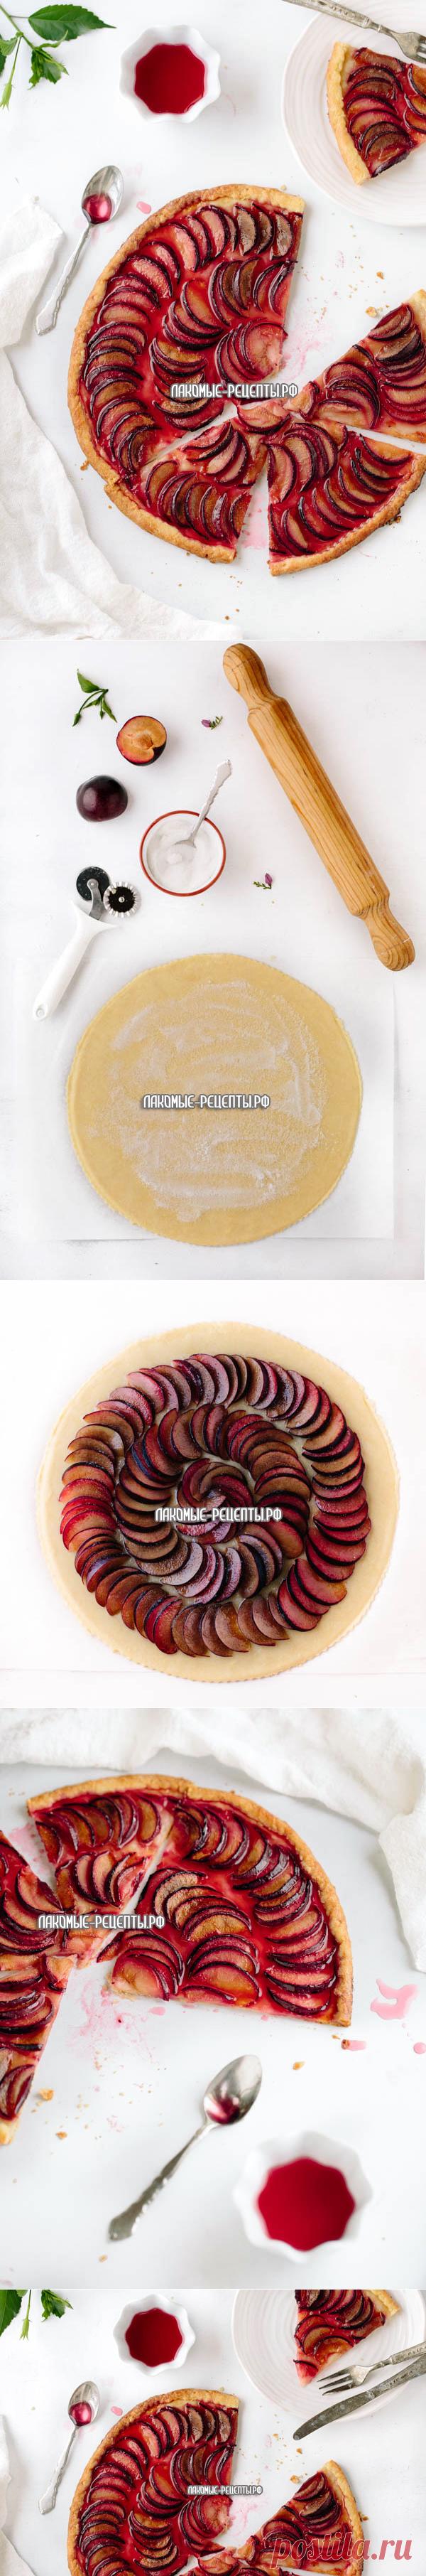 Сливовая галета или простой пирог со сливами